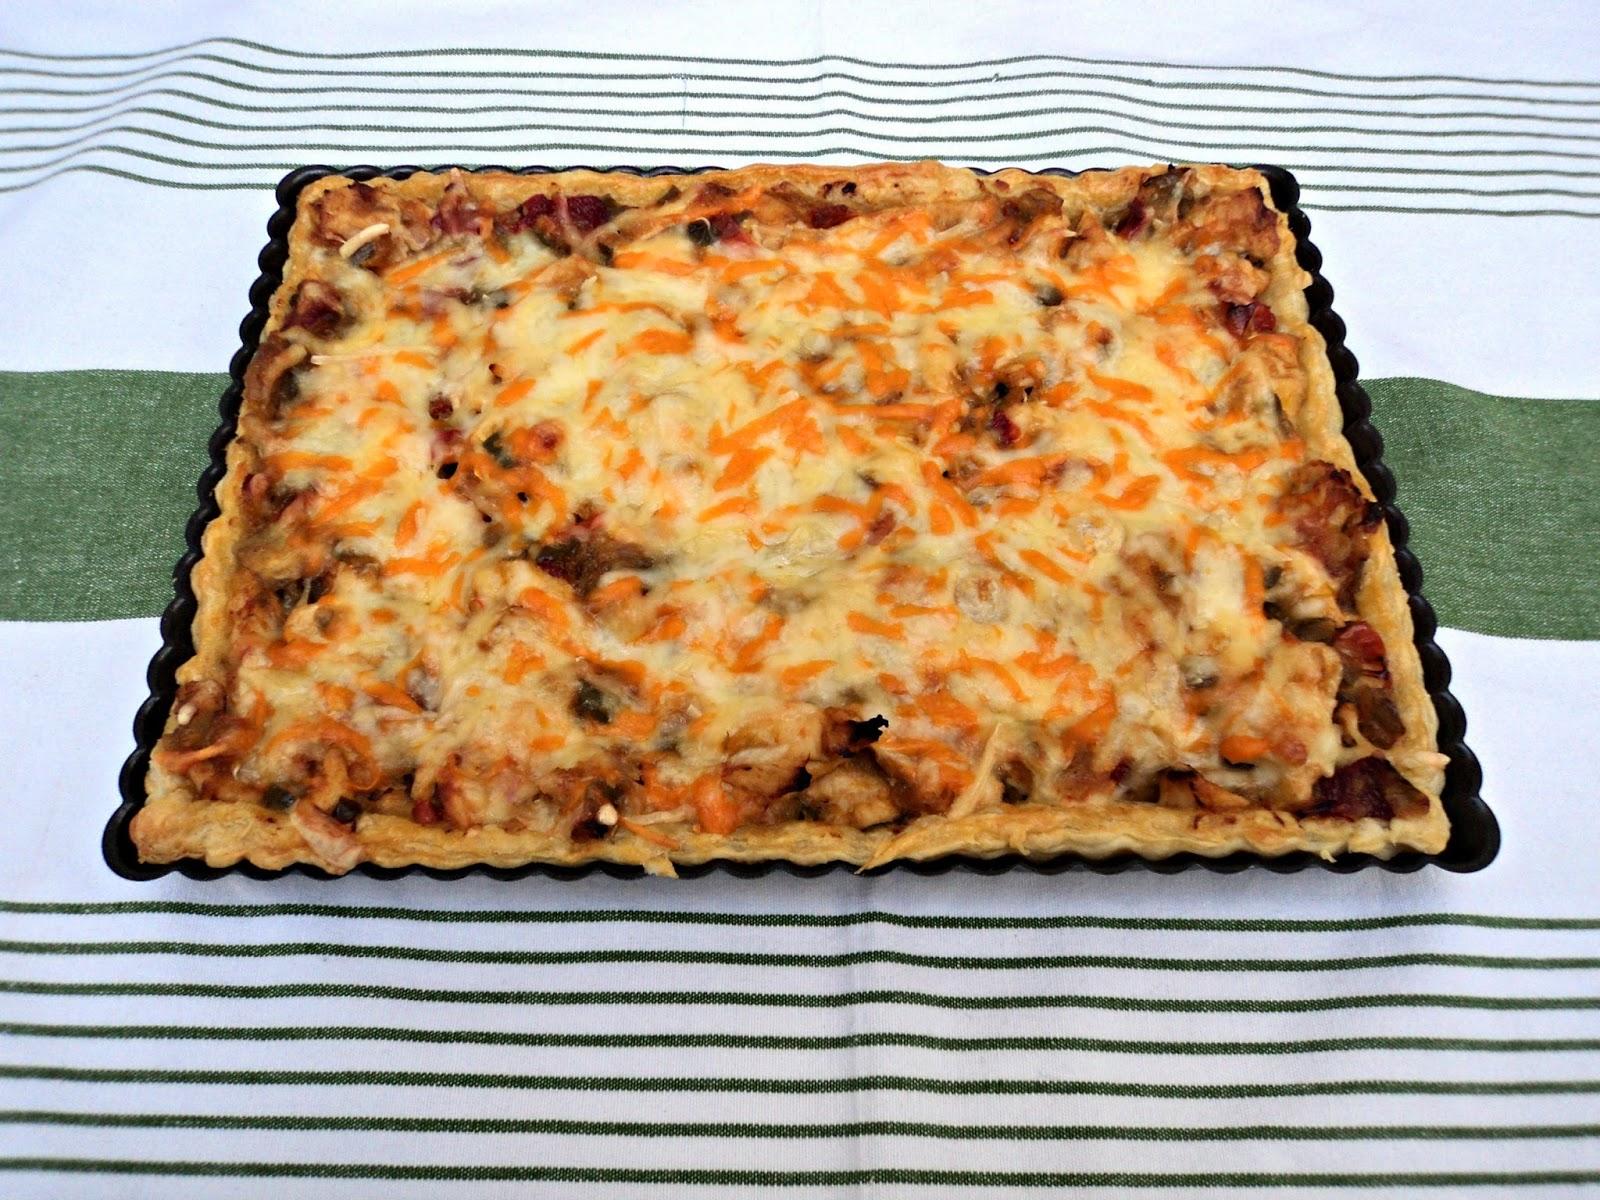 receta casera pizza hojaldre verduras pollo